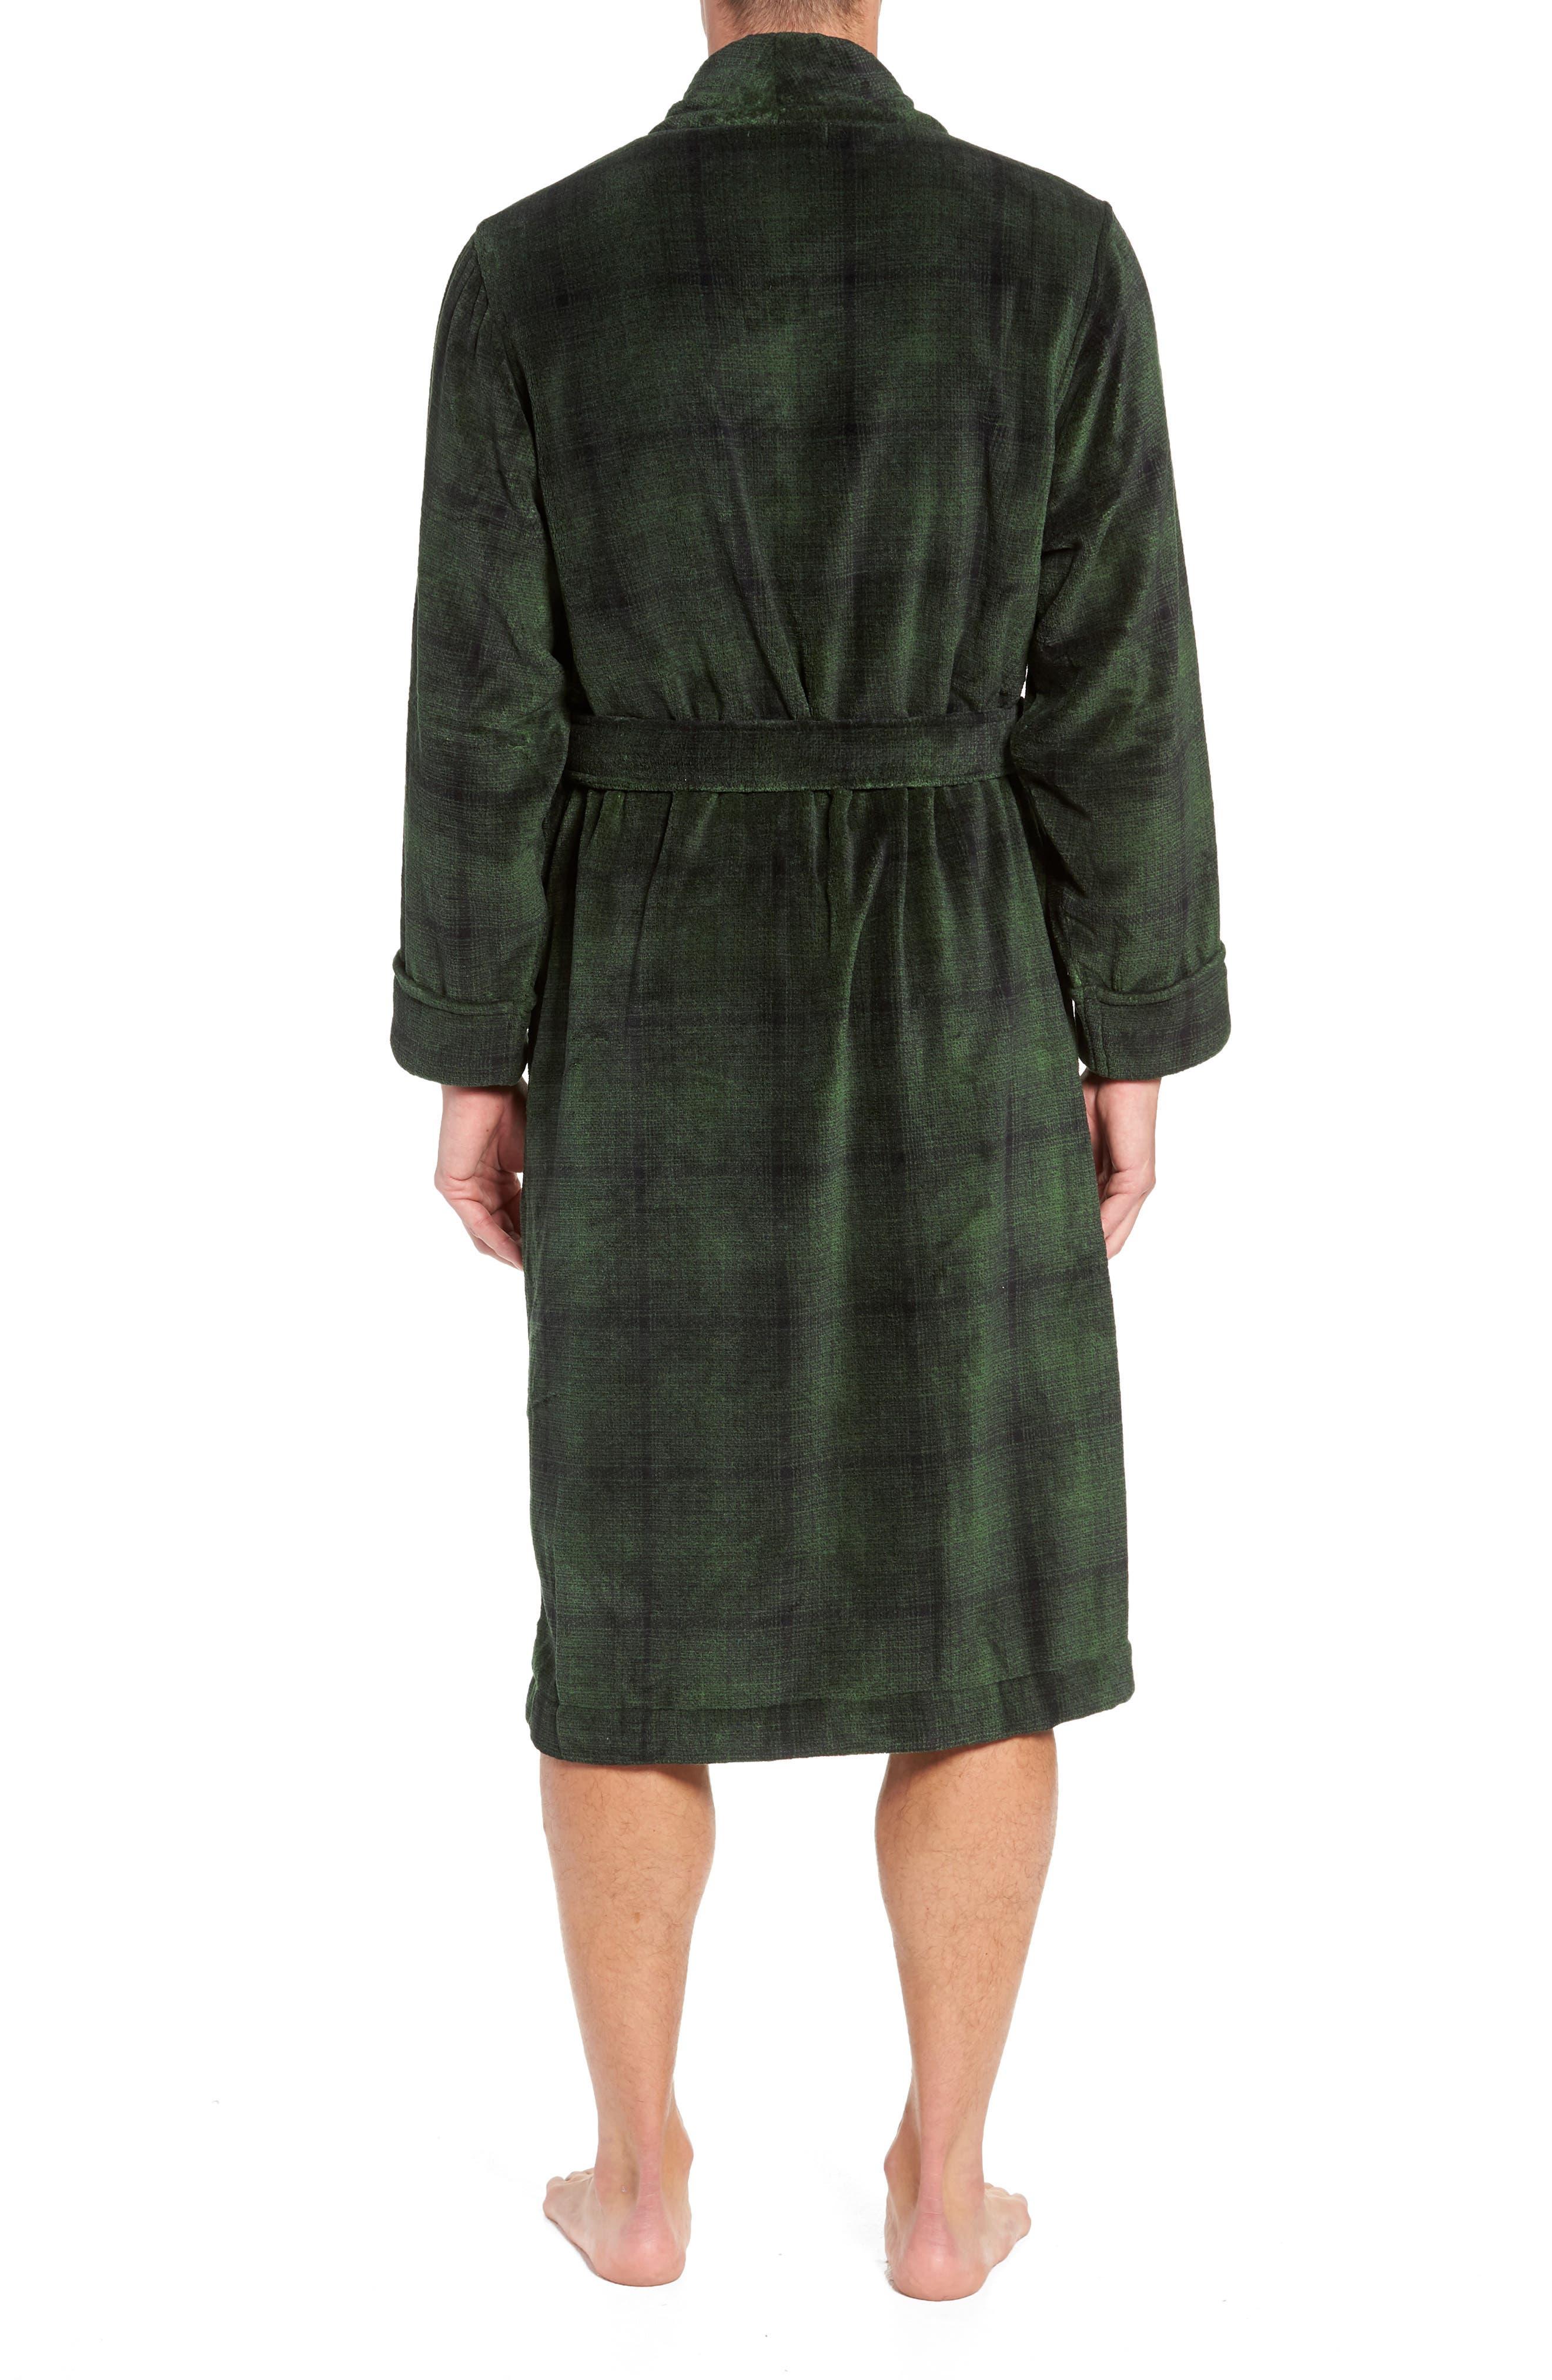 NORDSTROM MEN'S SHOP, Ombré Plaid Fleece Robe, Alternate thumbnail 2, color, GREEN - BLACK OMBRE PLAID